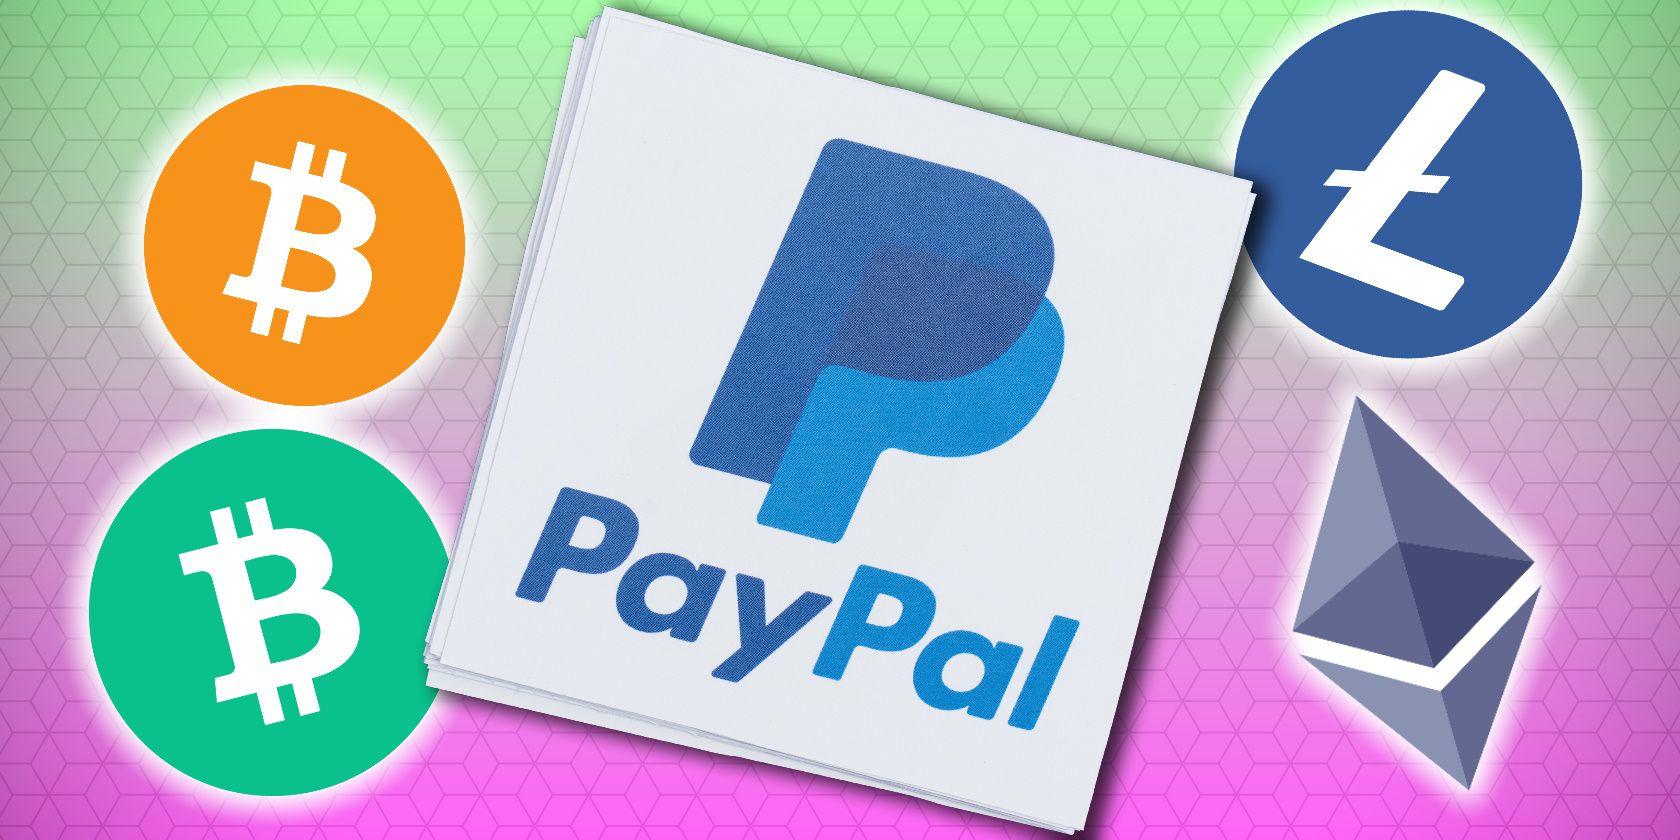 PayPal được thiết lập để khởi chạy các dịch vụ tiền điện tử ở Vương quốc Anh